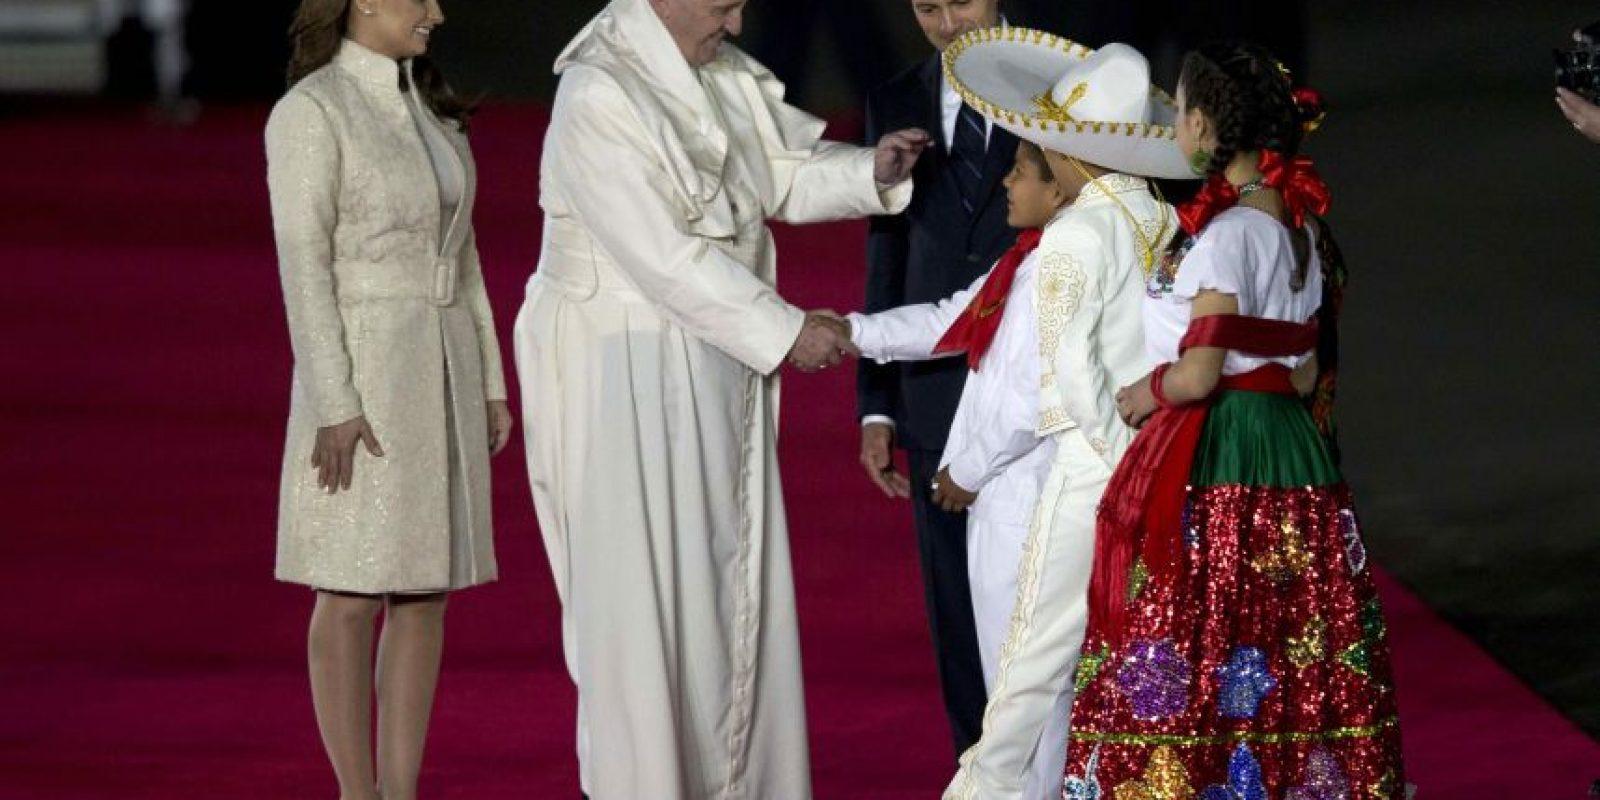 Como la agenda lo marcaba, el presidente Enrique Peña Nieto y su esposa recibieron al Pontífice. Foto:AP